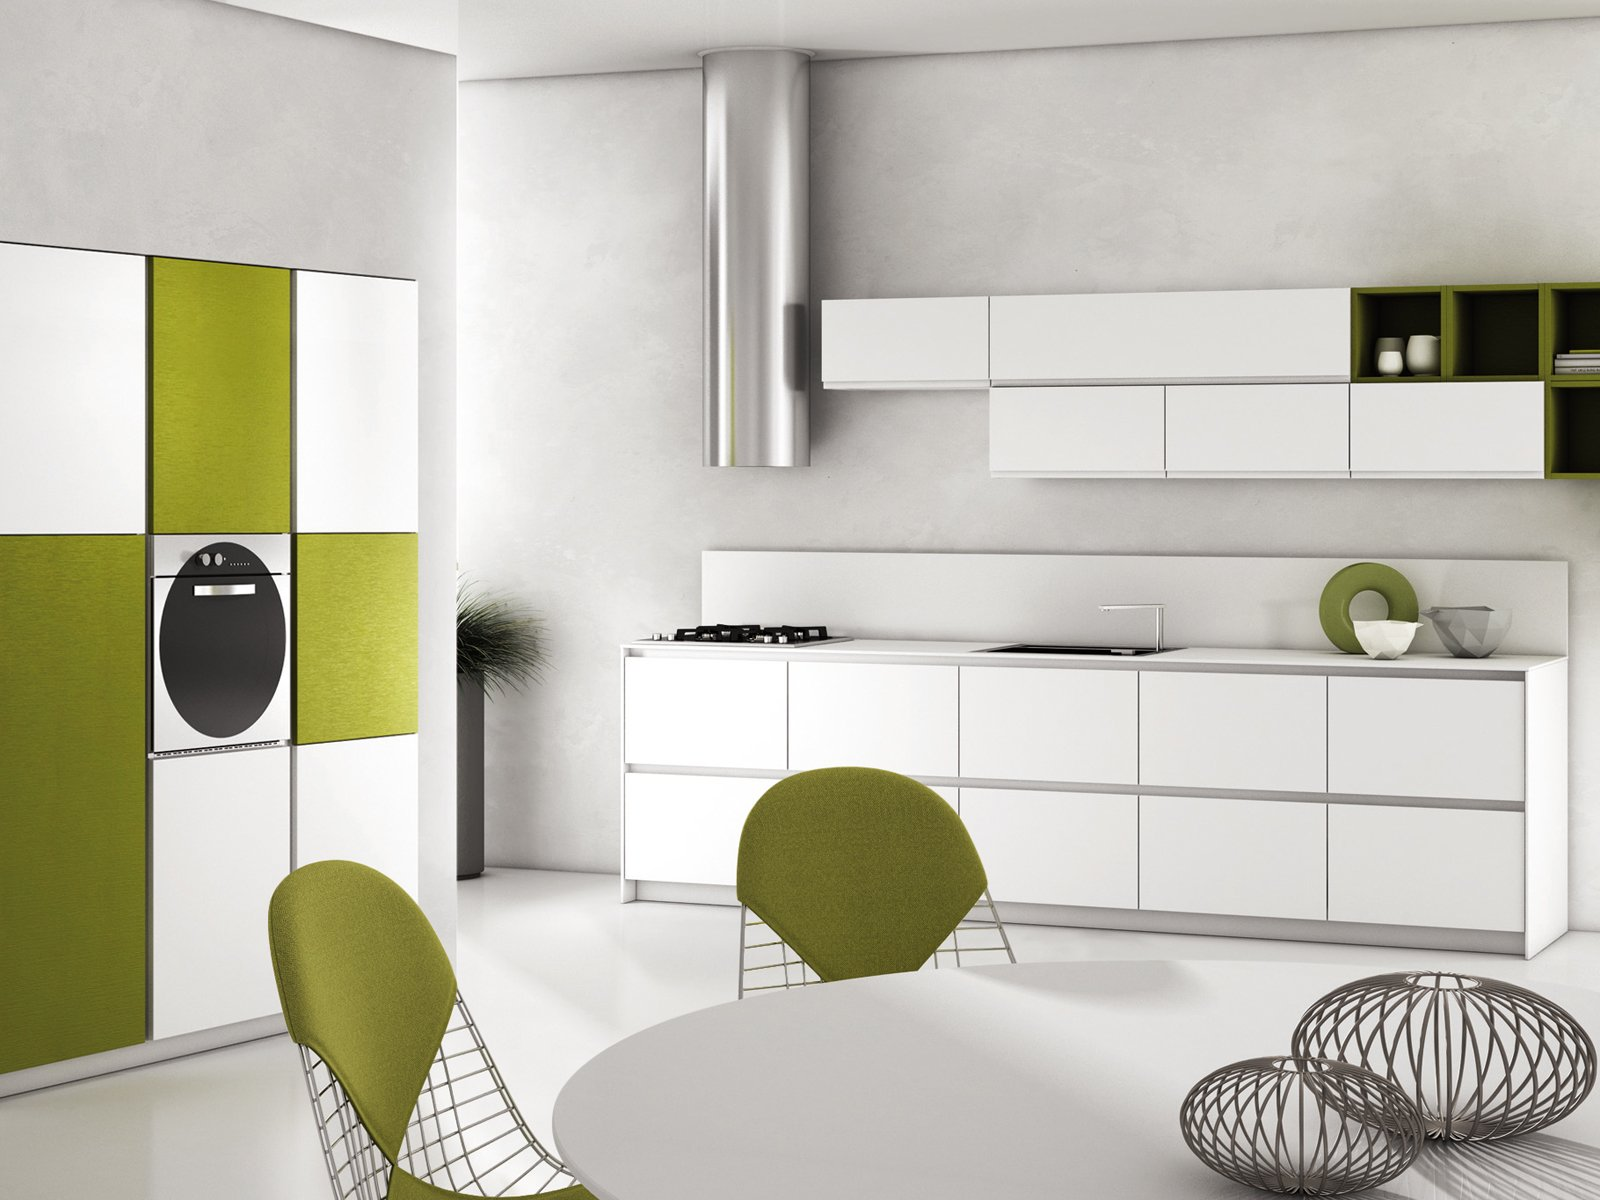 La cucina in soggiorno cose di casa - Colorare la cucina ...